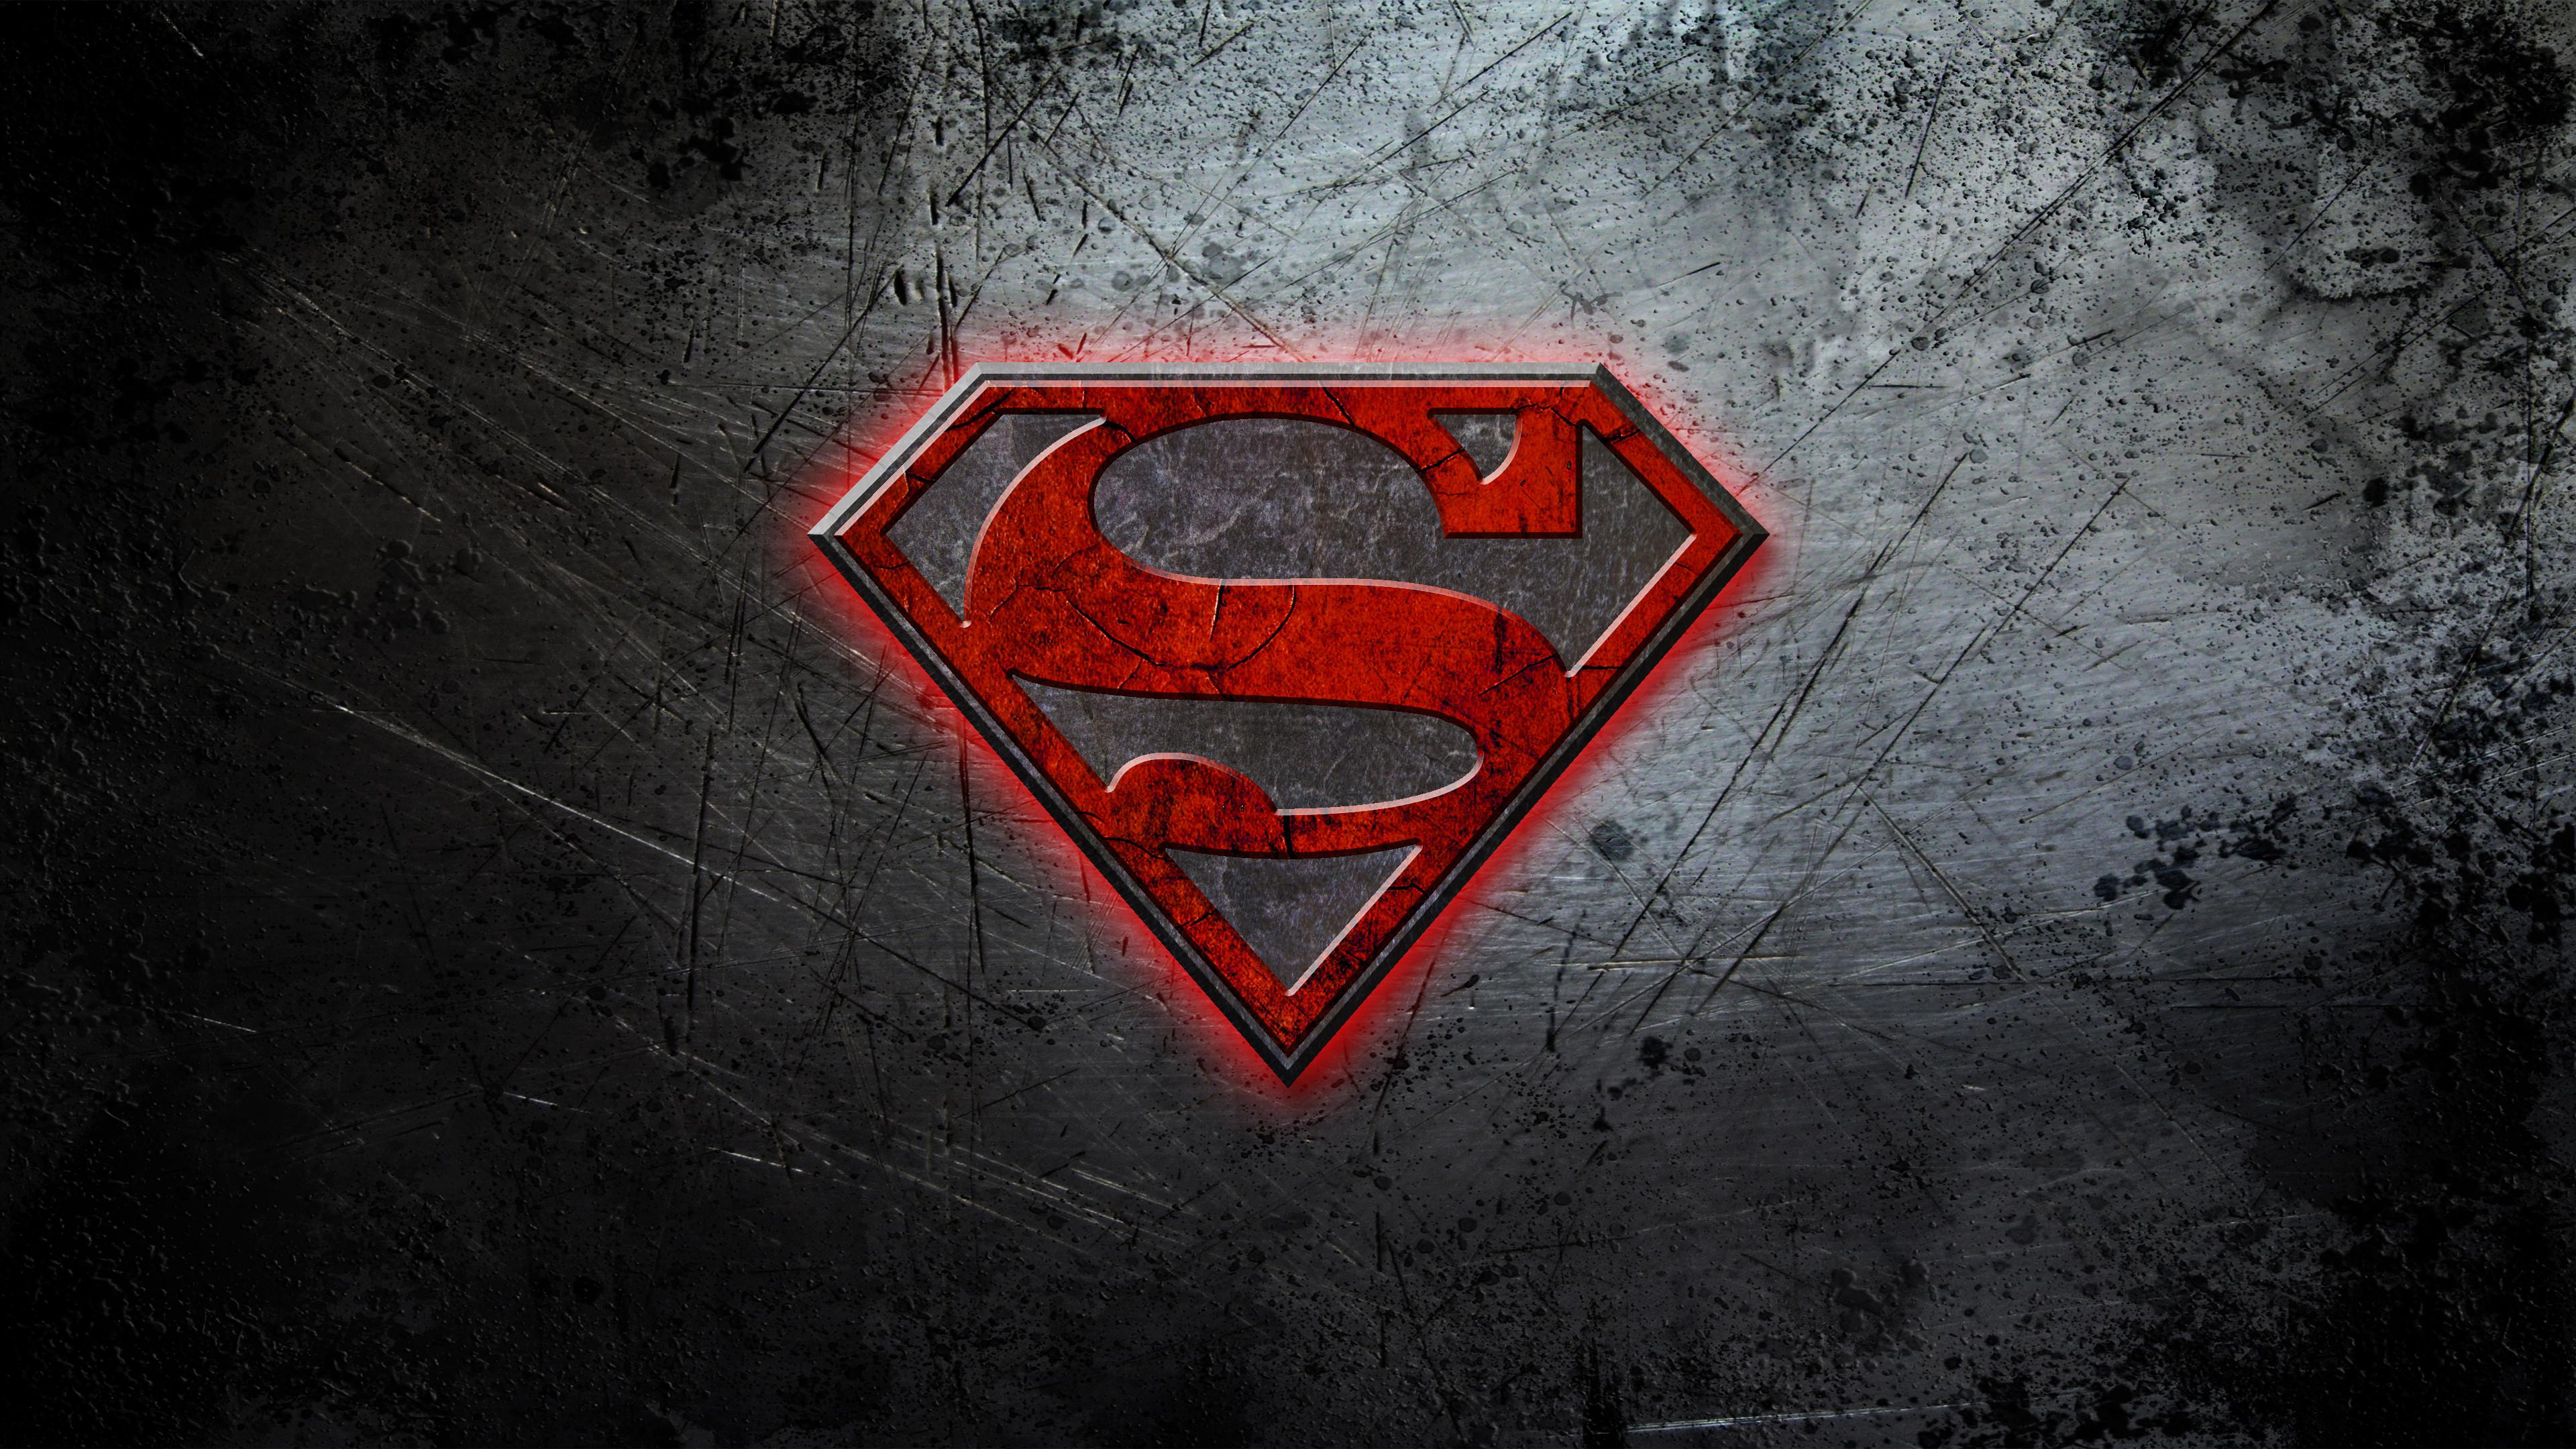 Superman Computer Wallpapers Desktop Backgrounds 3840x2160 ID 3840x2160